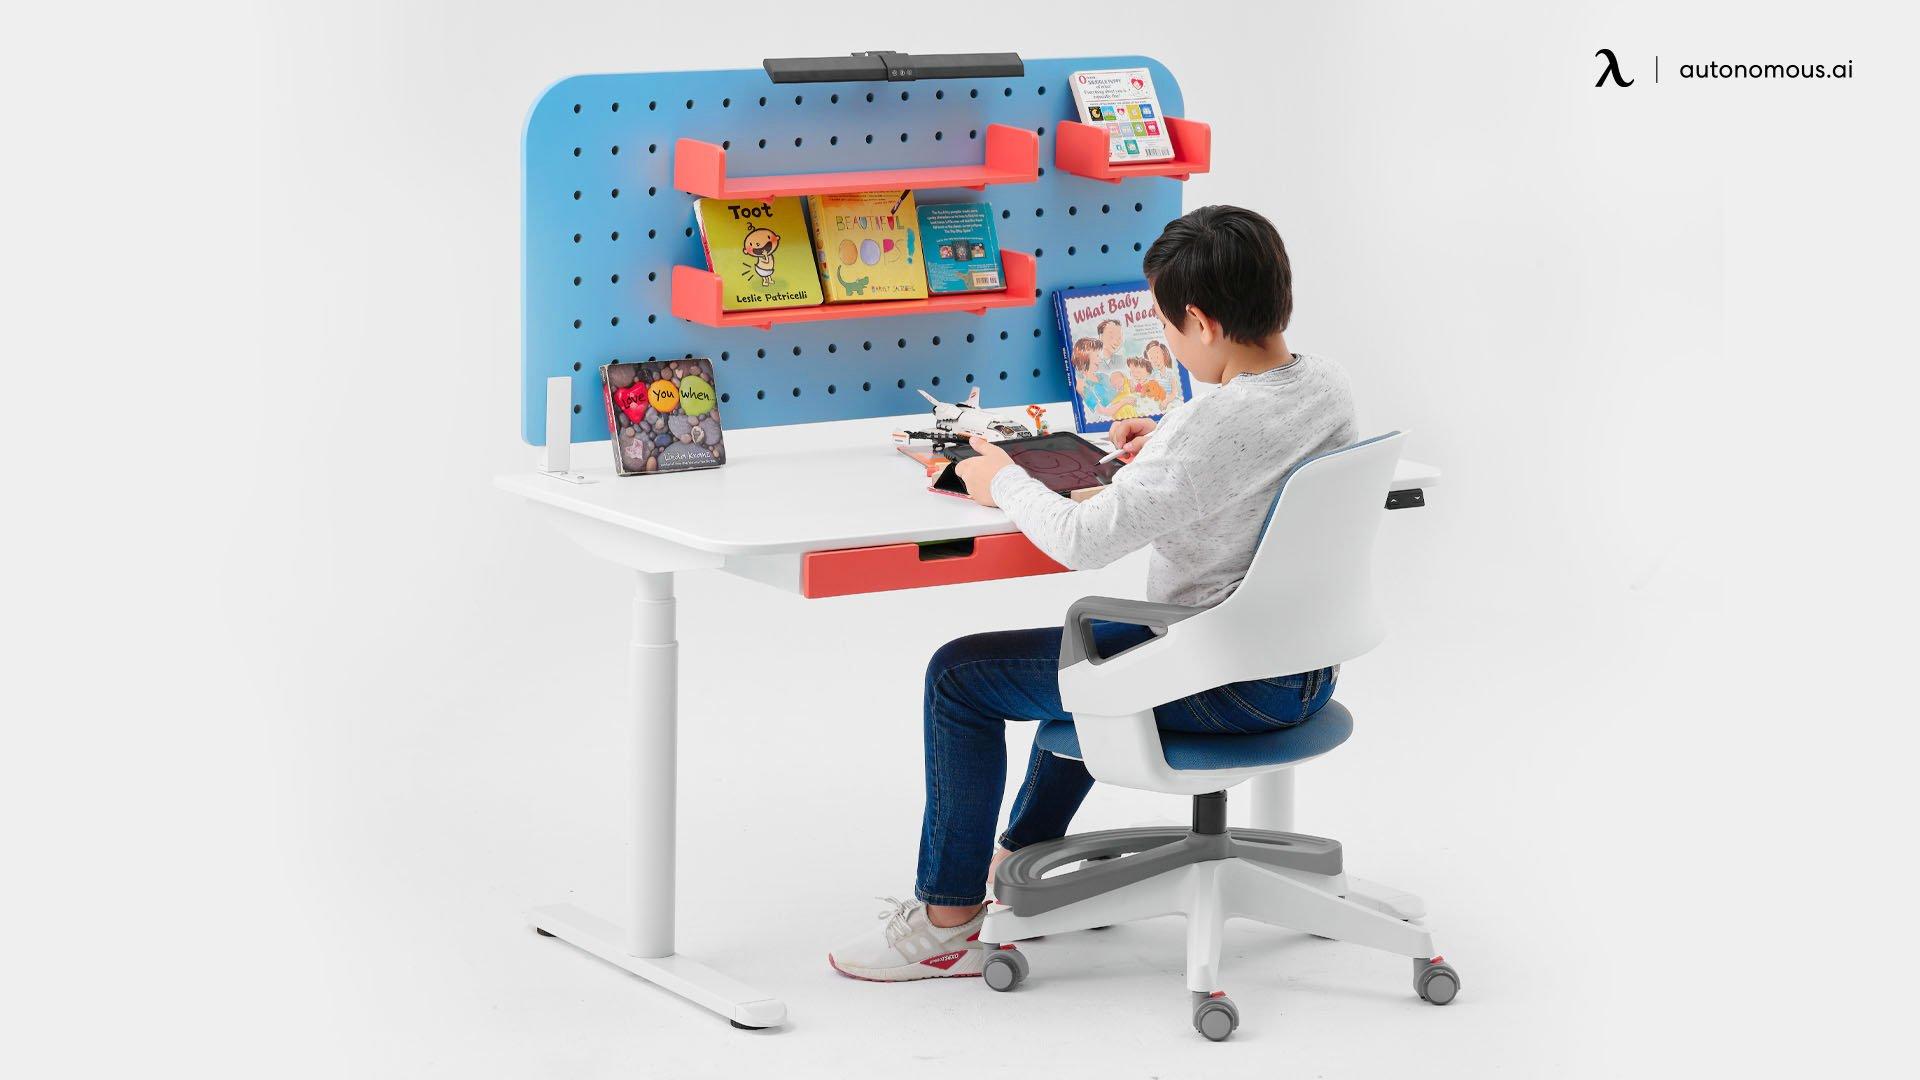 8 Ergonomic Desks for Kids to Study